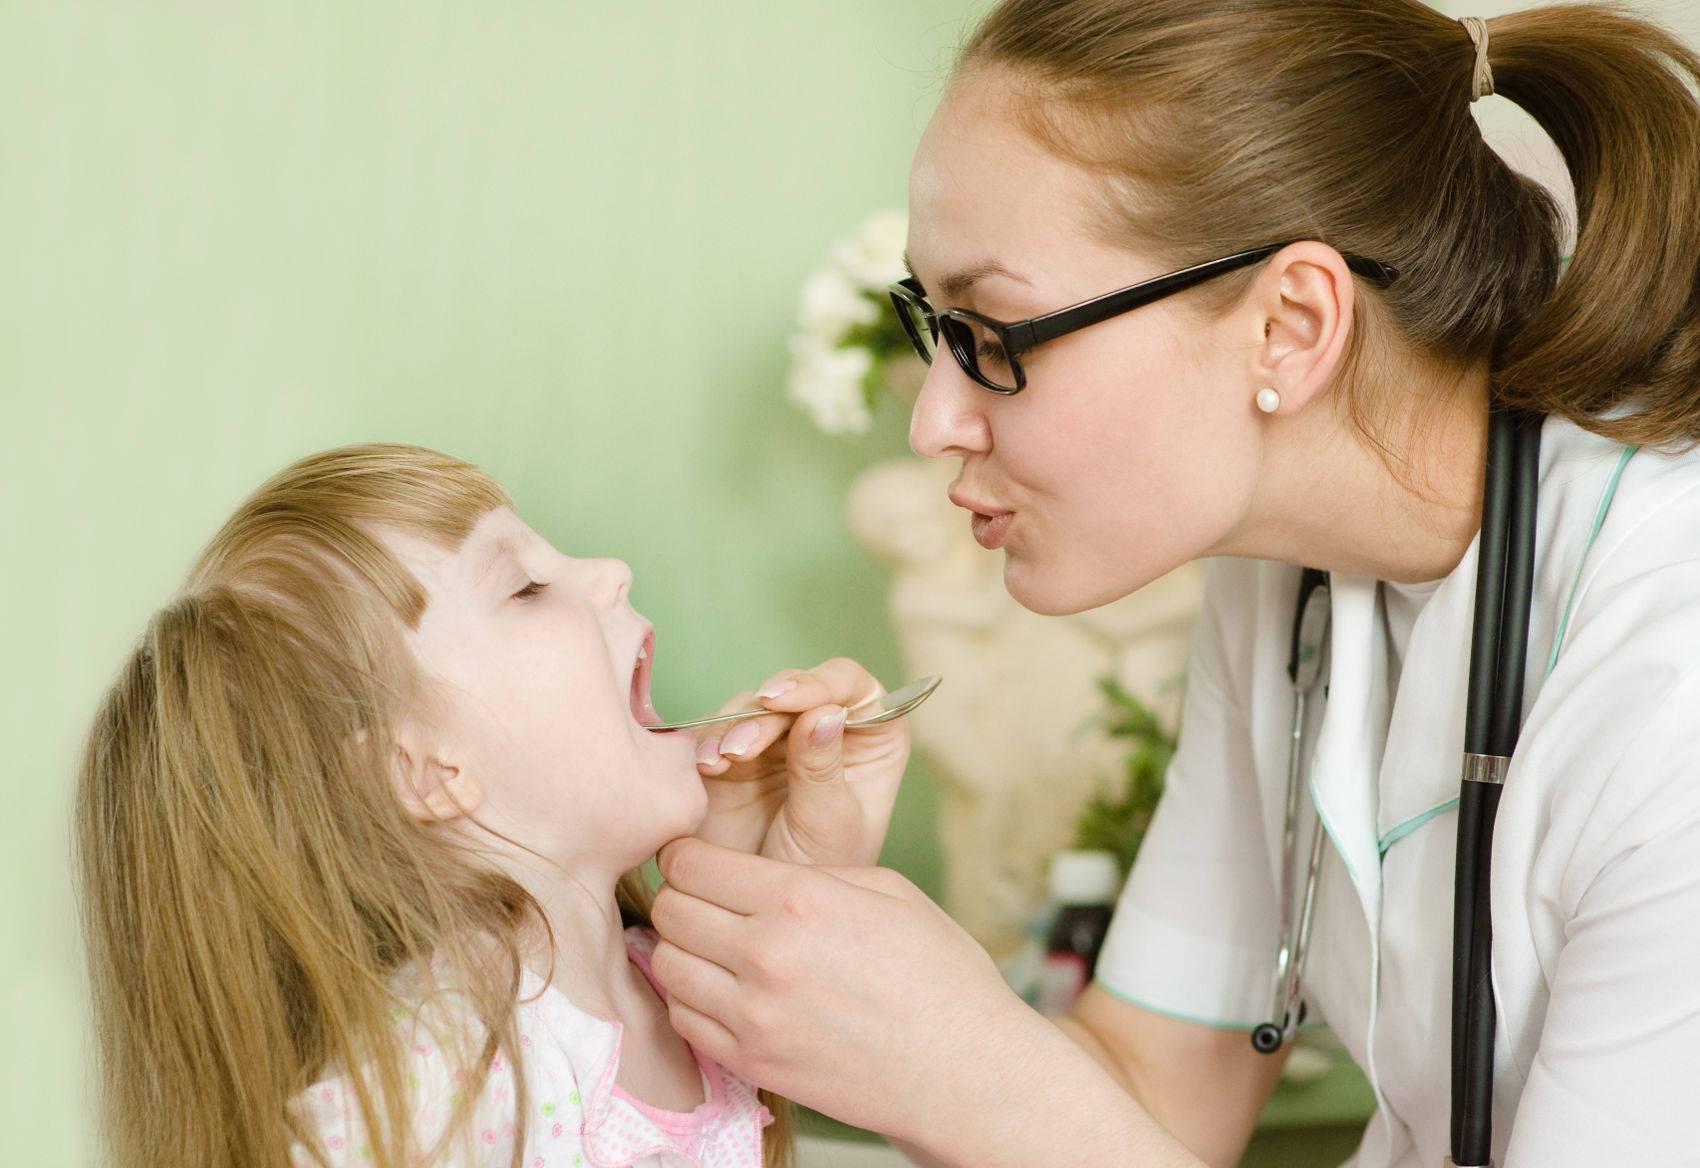 влажный кашель по утрам у ребенка